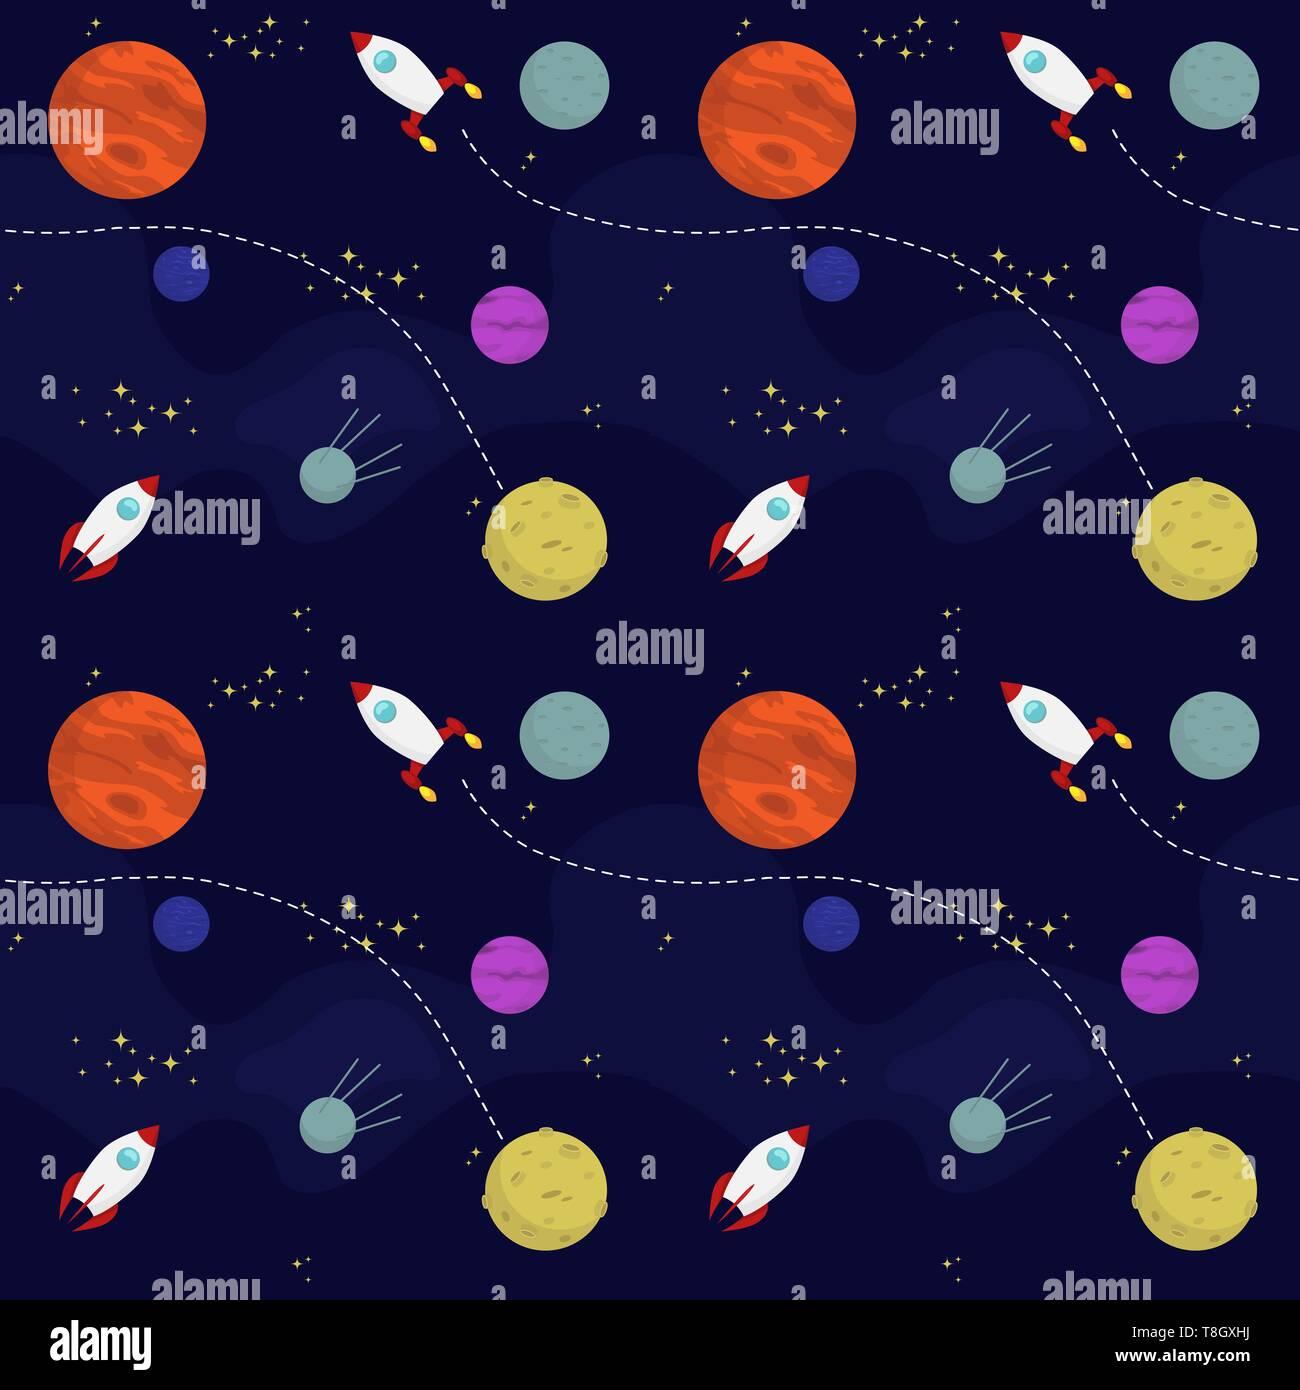 Télévision transparente modèle d'espace vectoriel avec les planètes et vaisseaux spatiaux voyageant dans l'univers Illustration de Vecteur